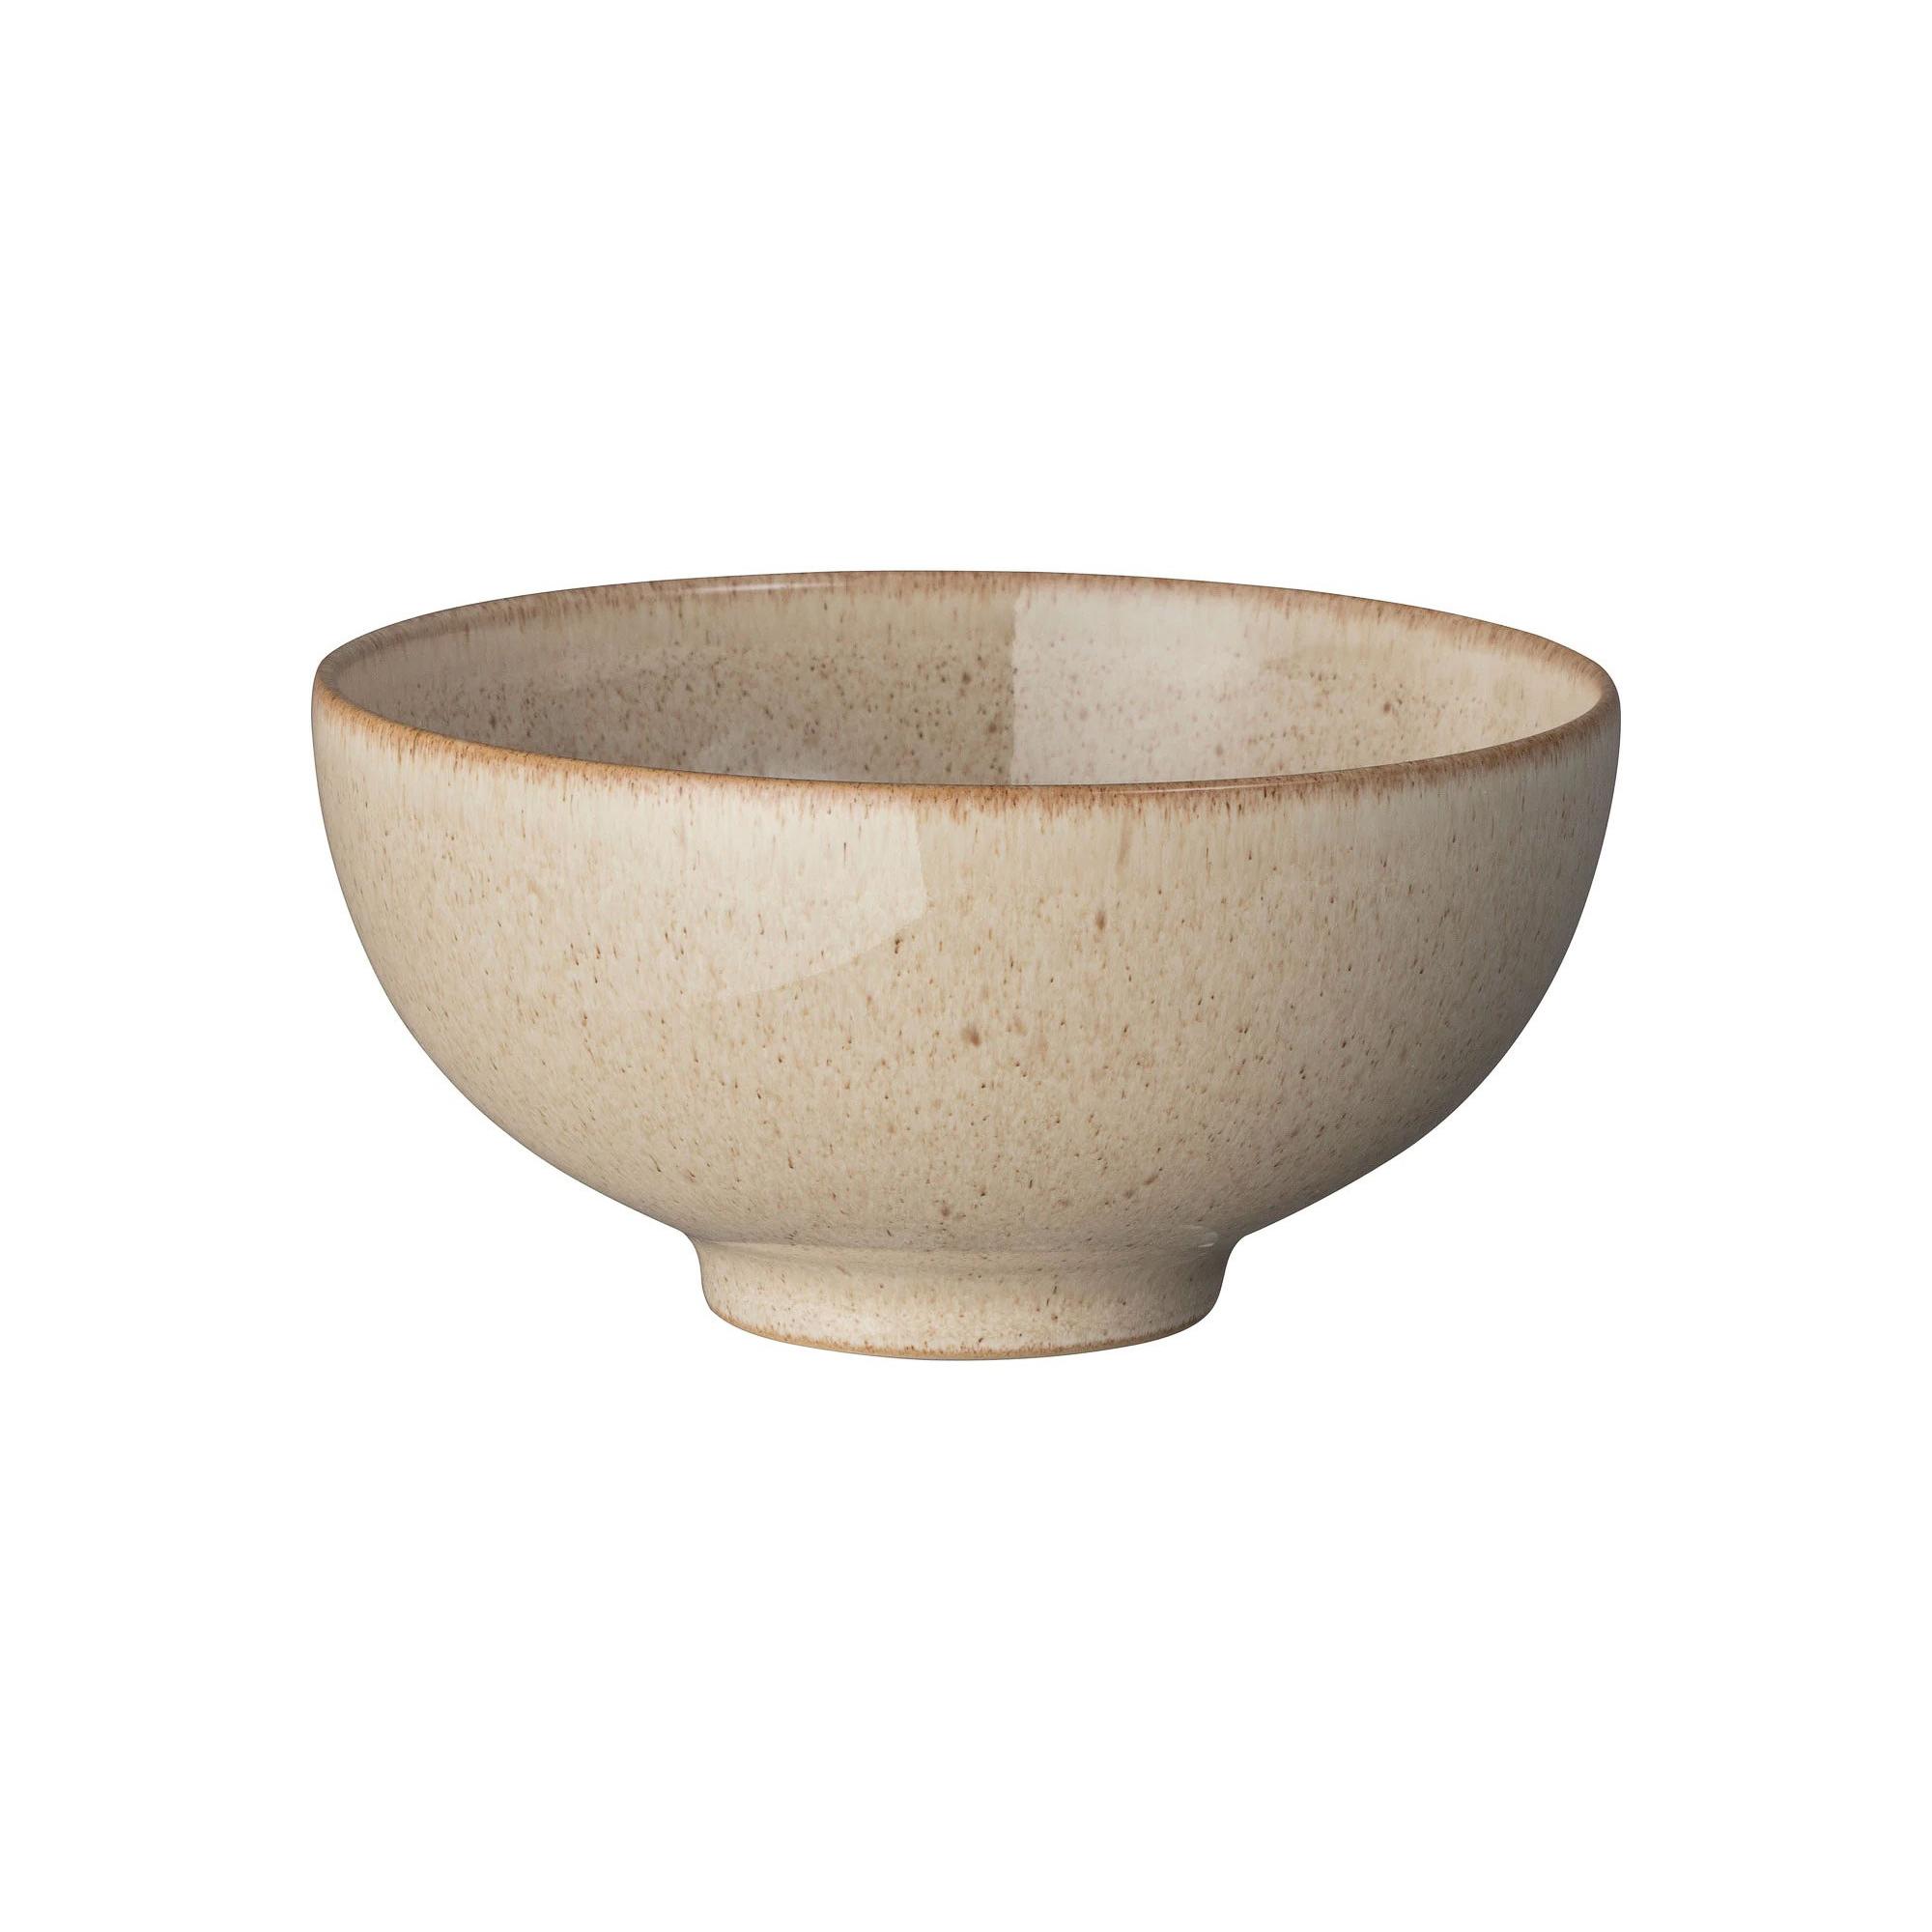 Фото - Чаша для риса Denby Студио крафт мускат 13 см чаша для риса denby studio craft 13 см